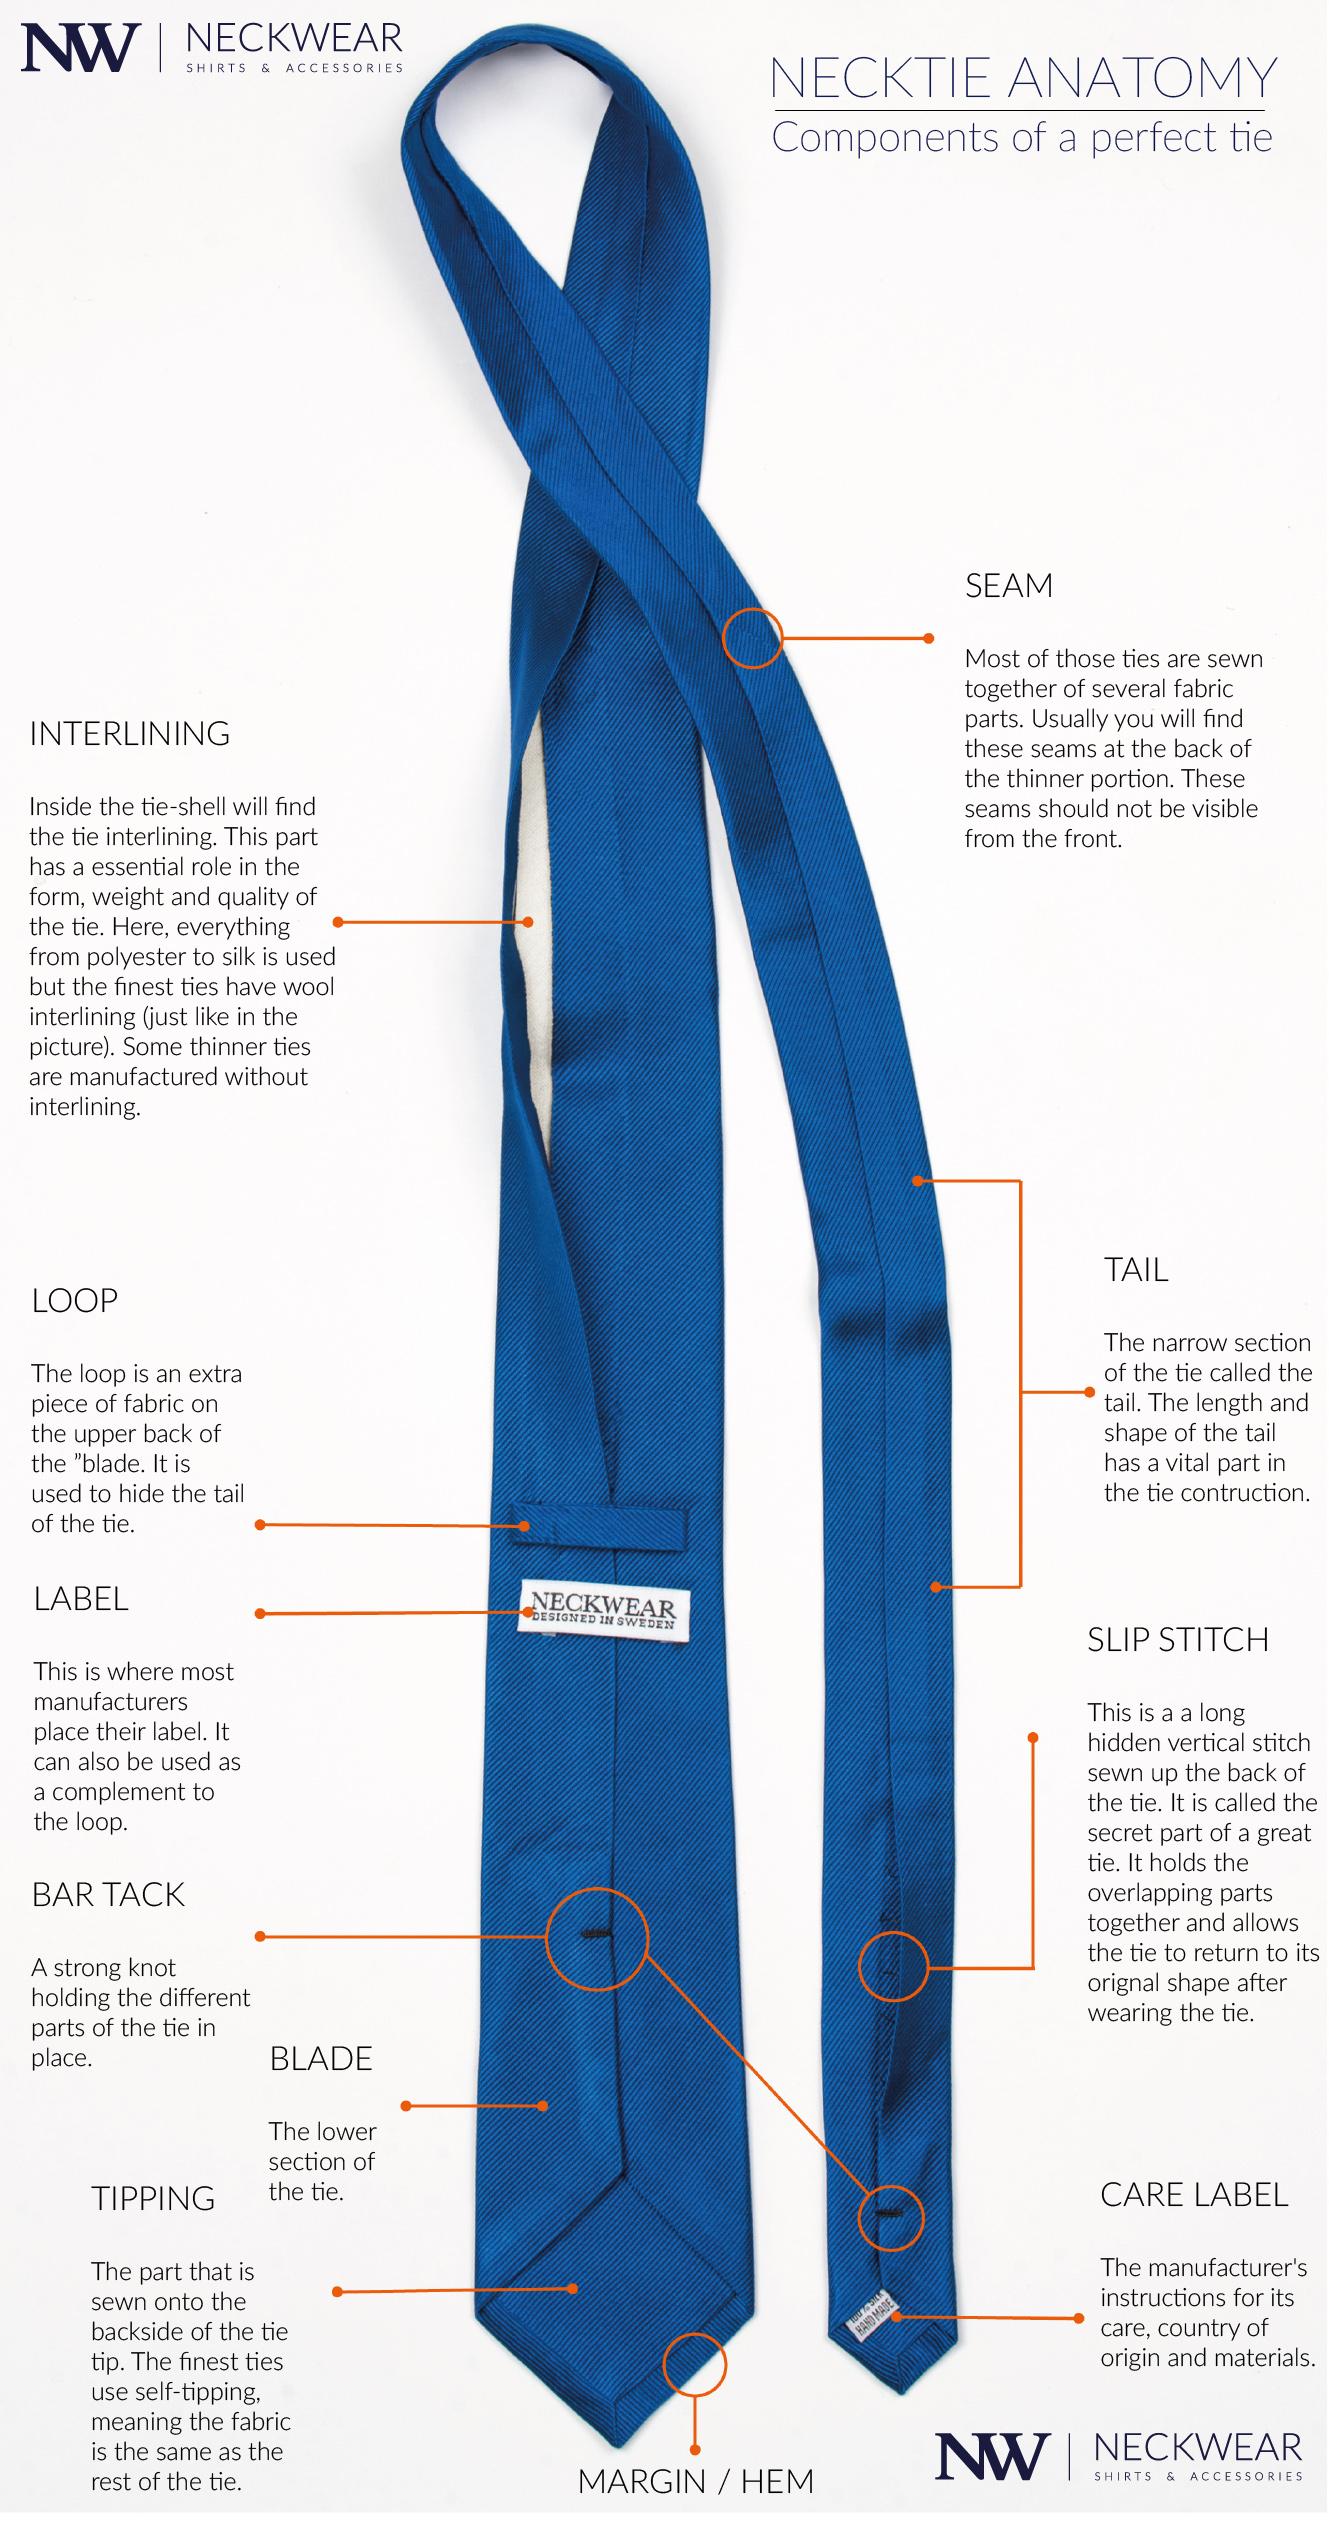 14c38f9fb91 Om du är osäker på vilken slips du ska köpa till studenten är ett säkert  kort en ljus sommarslips i blått som alltid passar bra till en mörk kostym  i blått ...